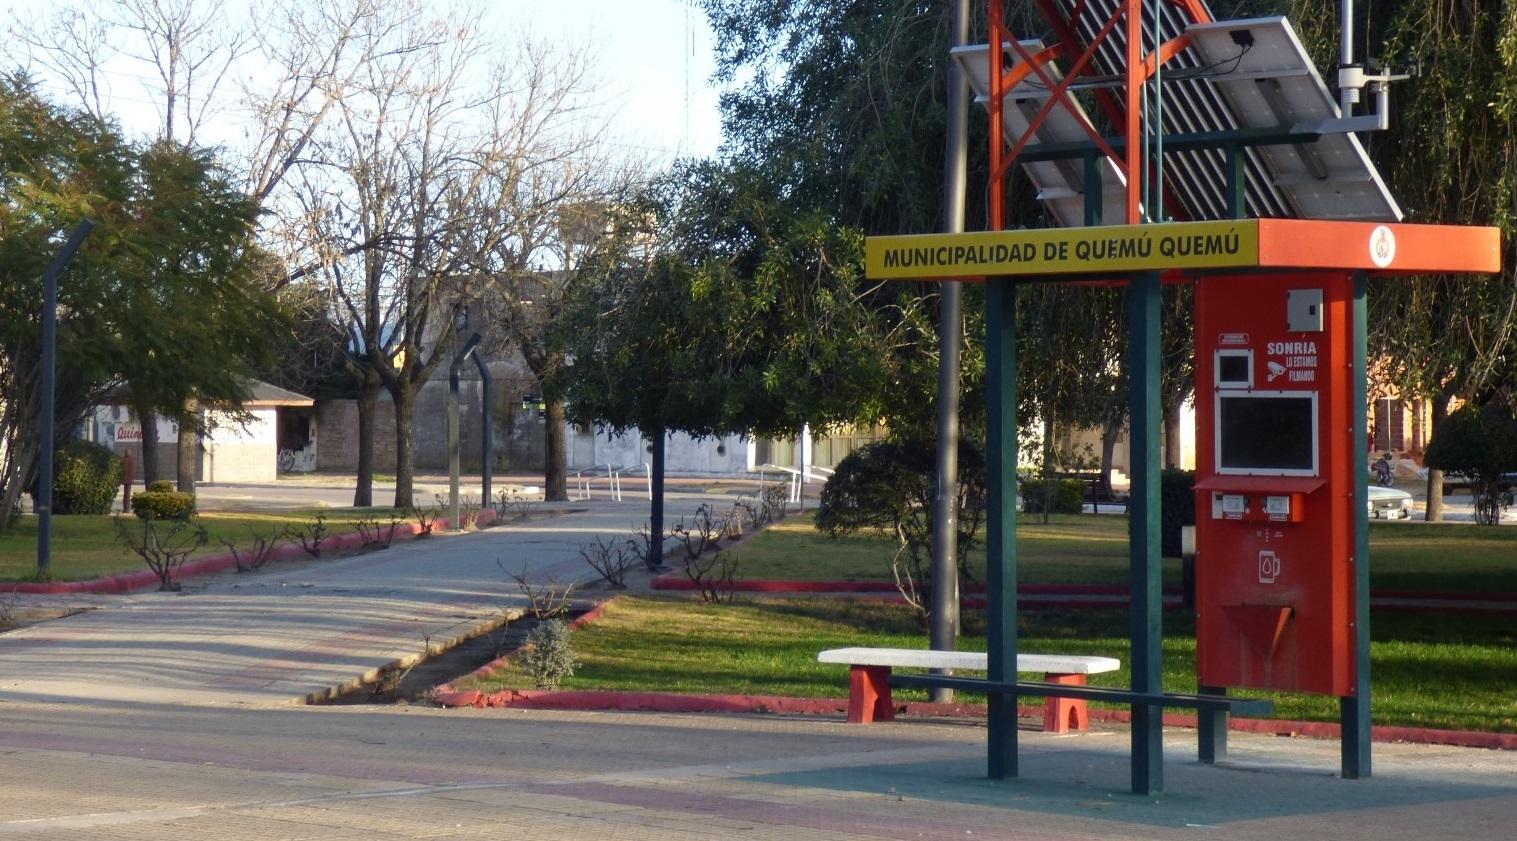 Quemú Quemú se prepara para recibir un nuevo aniversario: El gobernador Sergio Ziliotto visitará la localidad y recorrerá obras